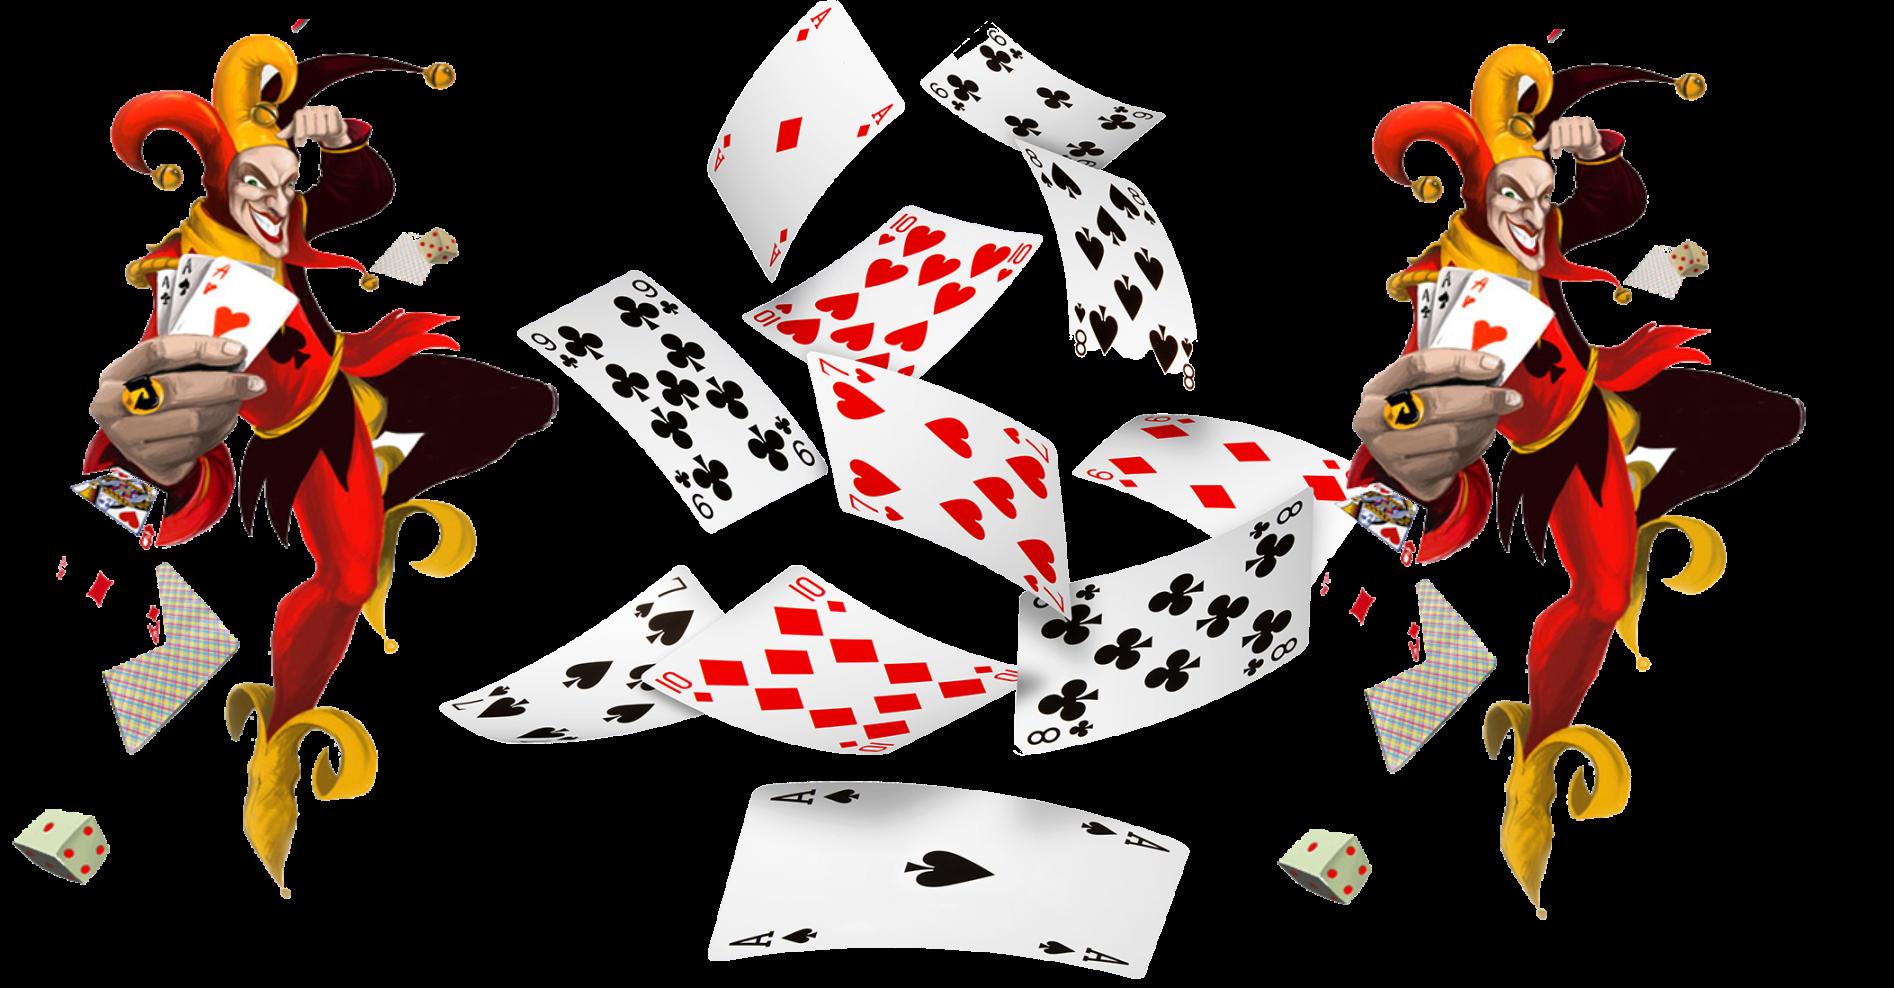 stravaganza kazino - juodasis džekas